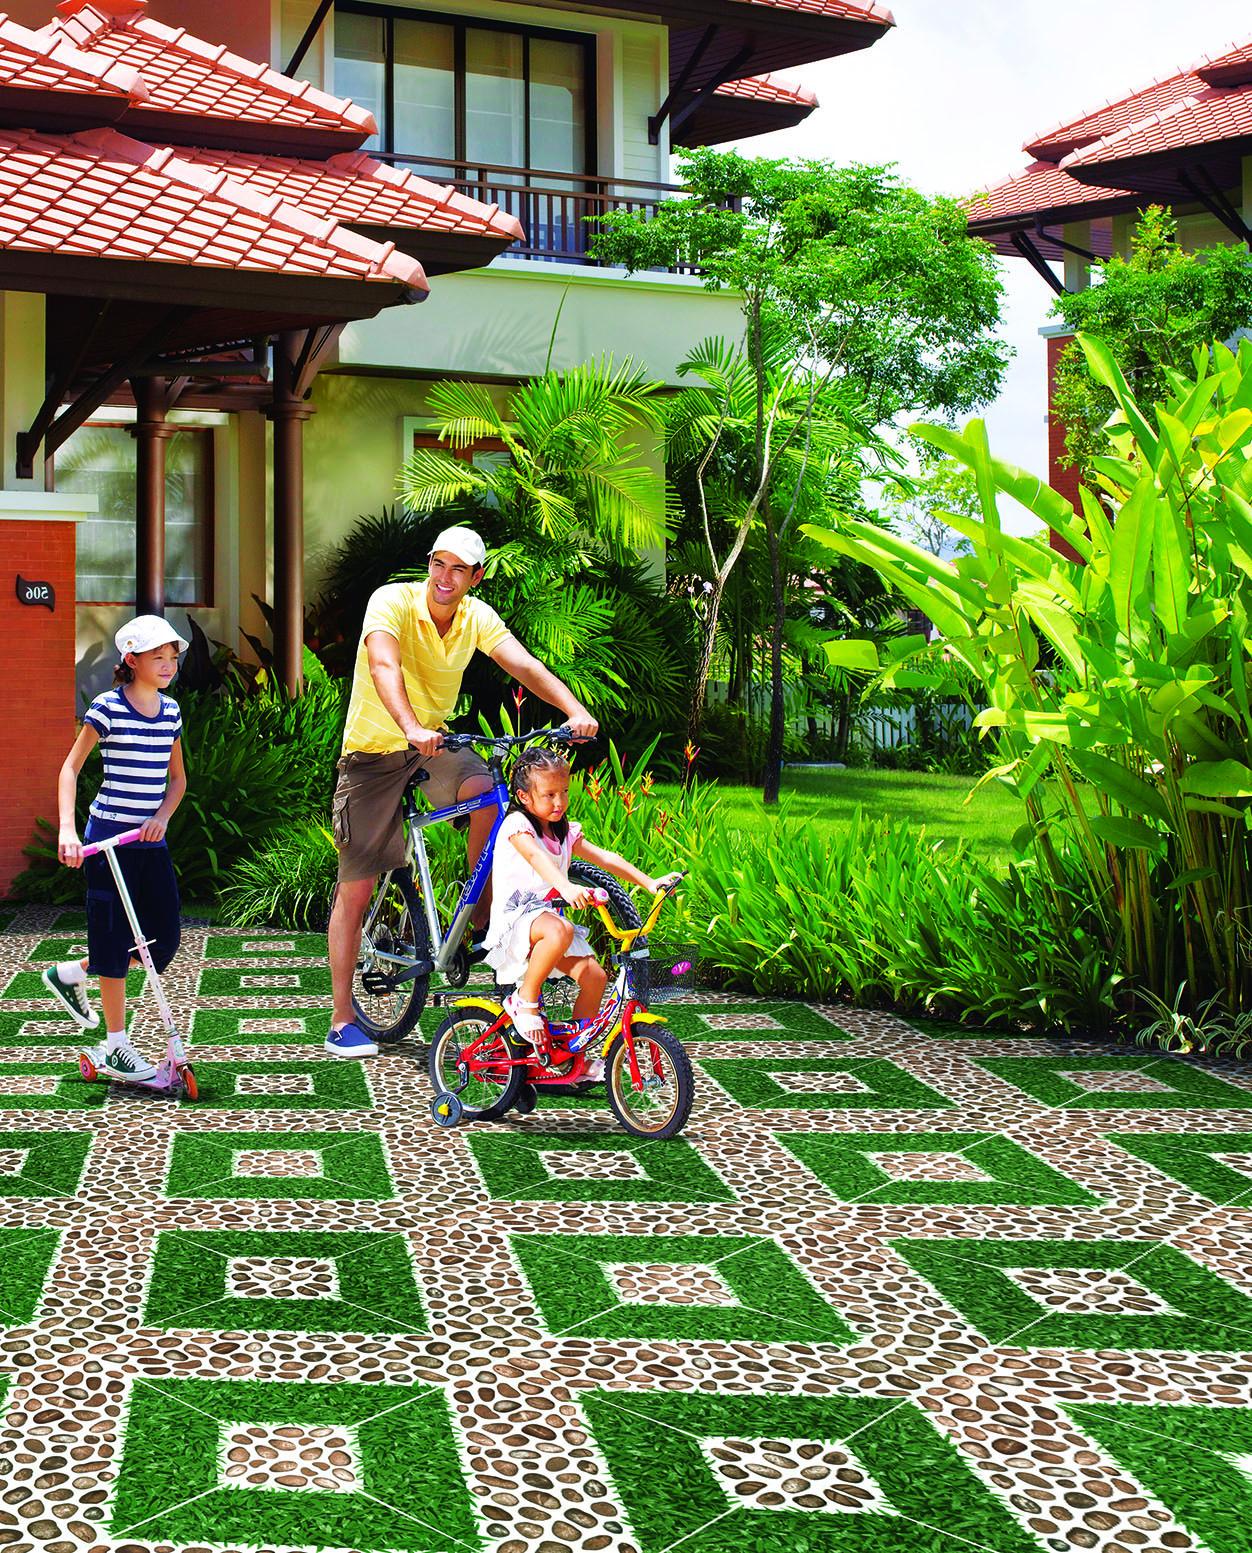 Gạch cỏ viglacera giải pháp tối ưu cho sân vườn của bạn